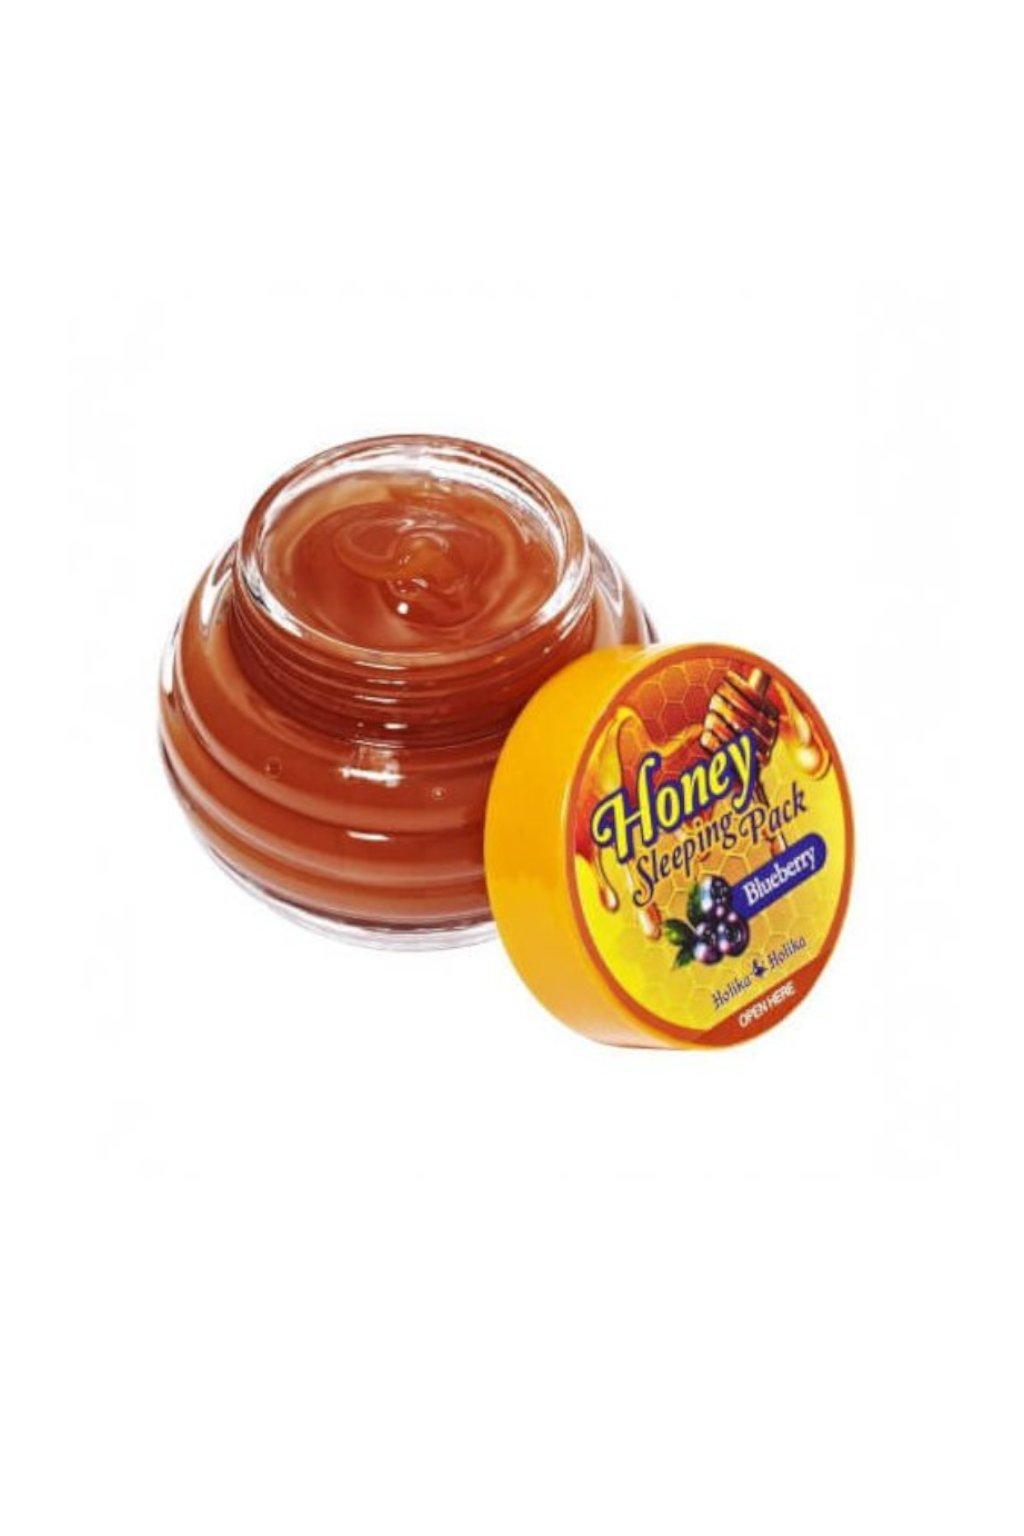 Holika Holika Honey Sleeping Pack bluberry